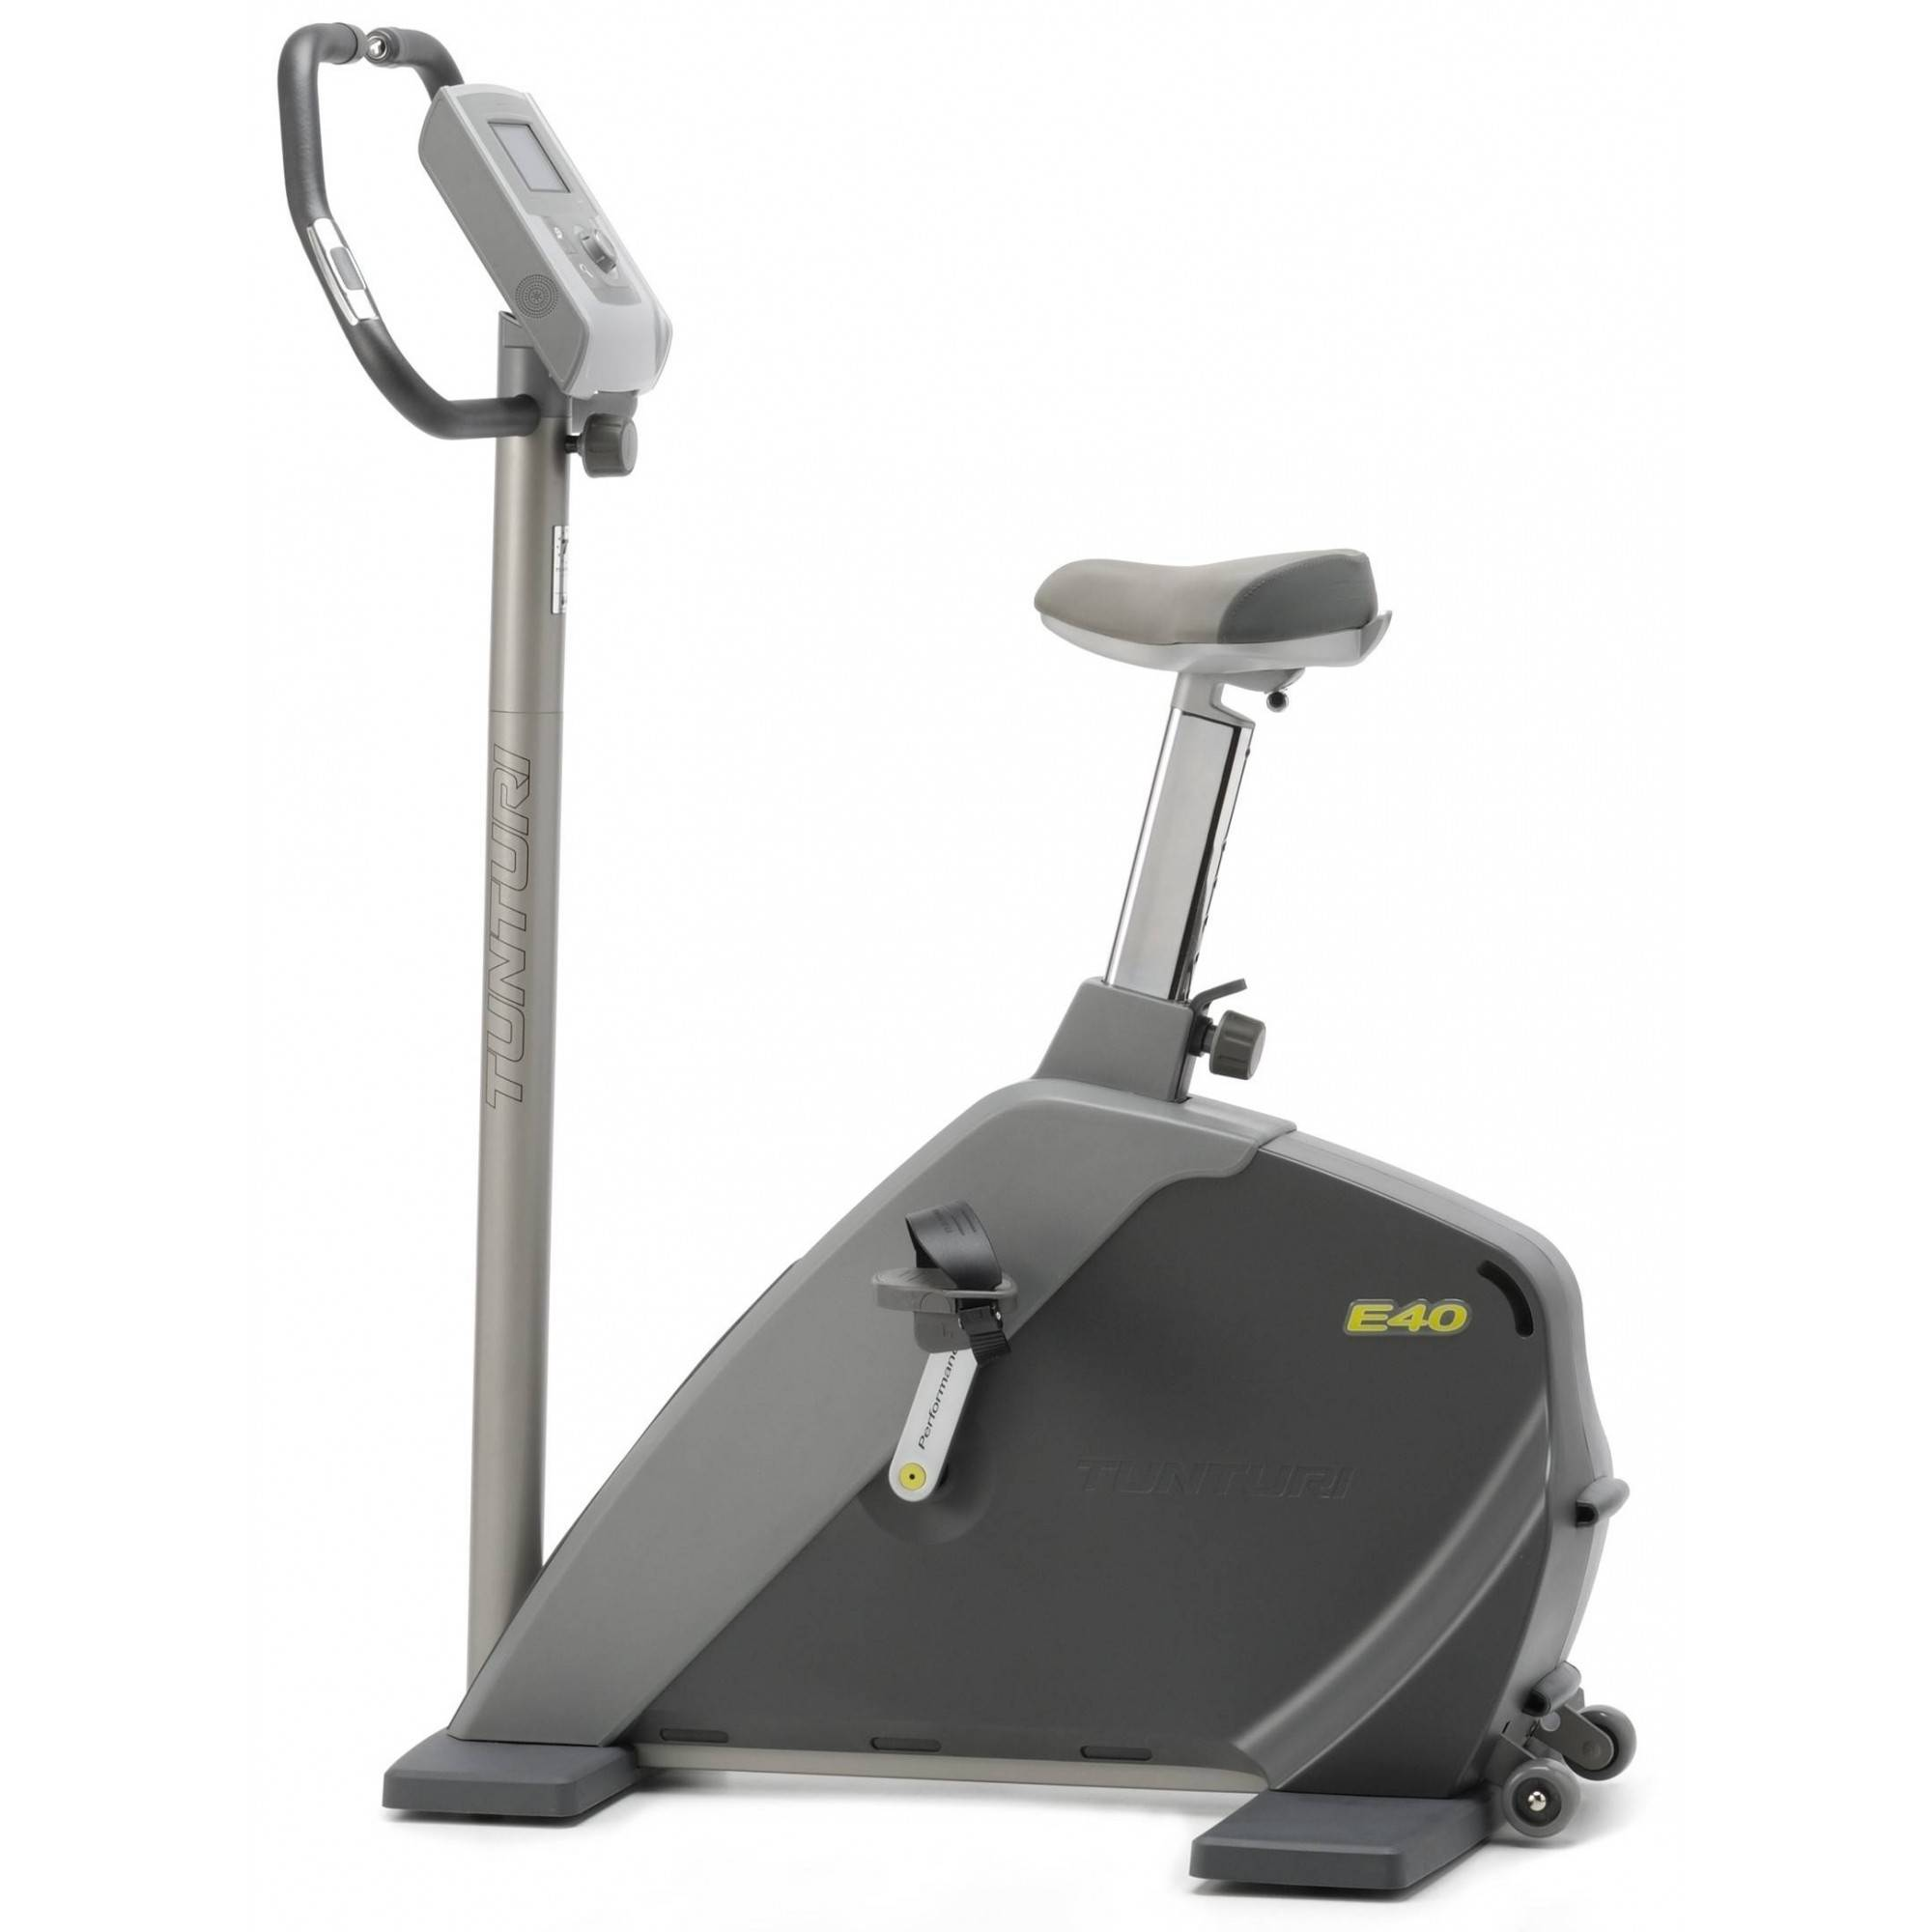 Rower treningowy pionowy Tunturi E40 | indukcyjny,producent: Tunturi, zdjecie photo: 1 | online shop klubfitness.pl | sprzęt spo